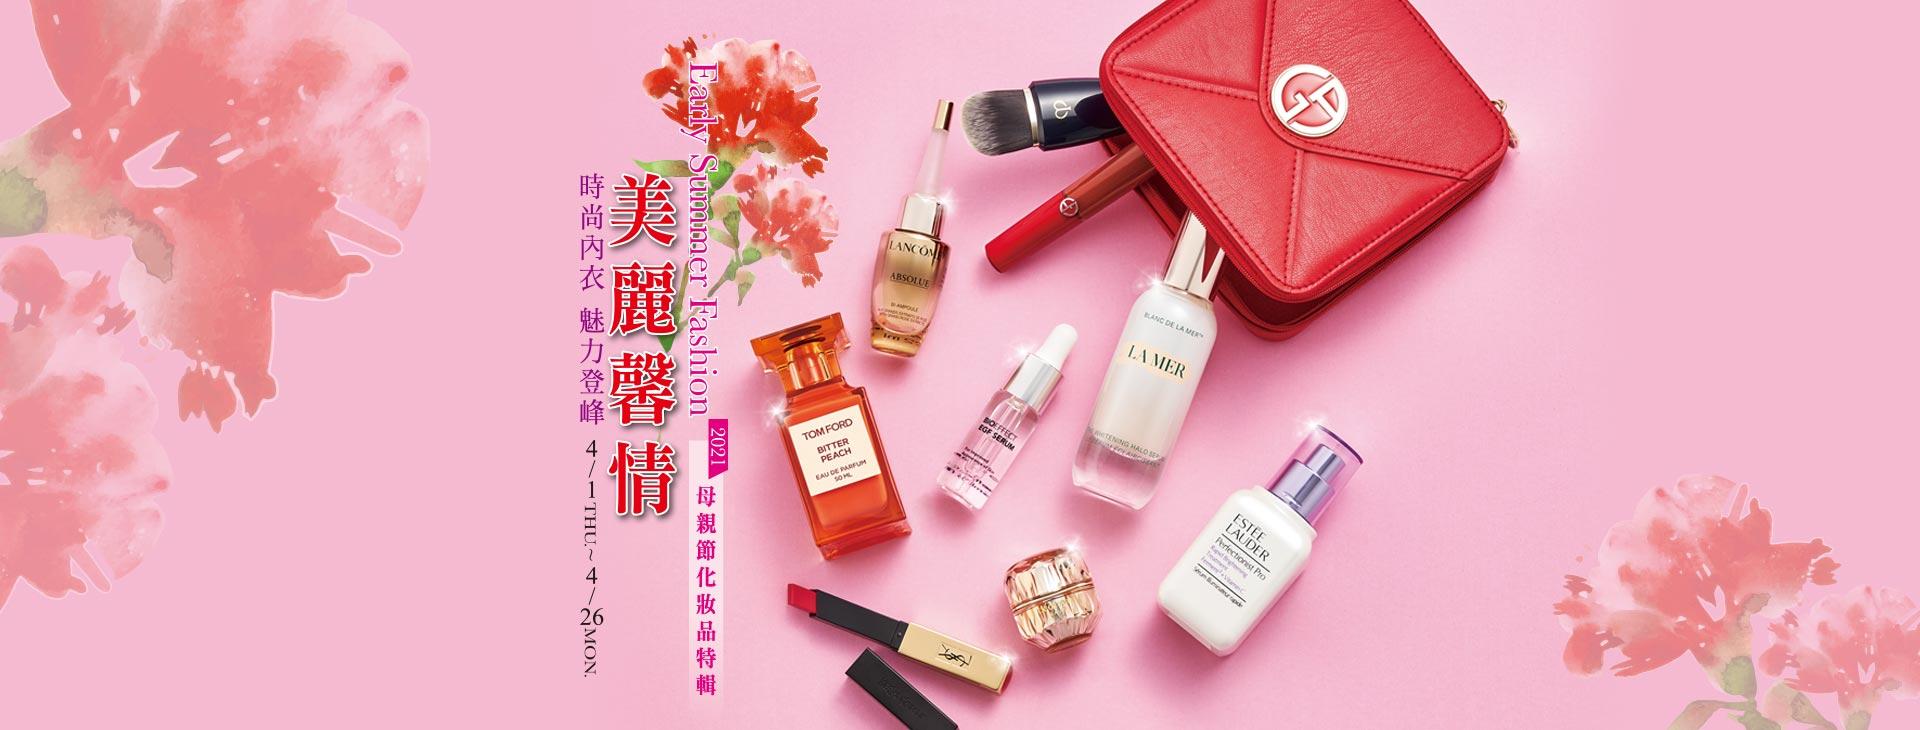 「美麗馨情」2021母親節化妝品專刊